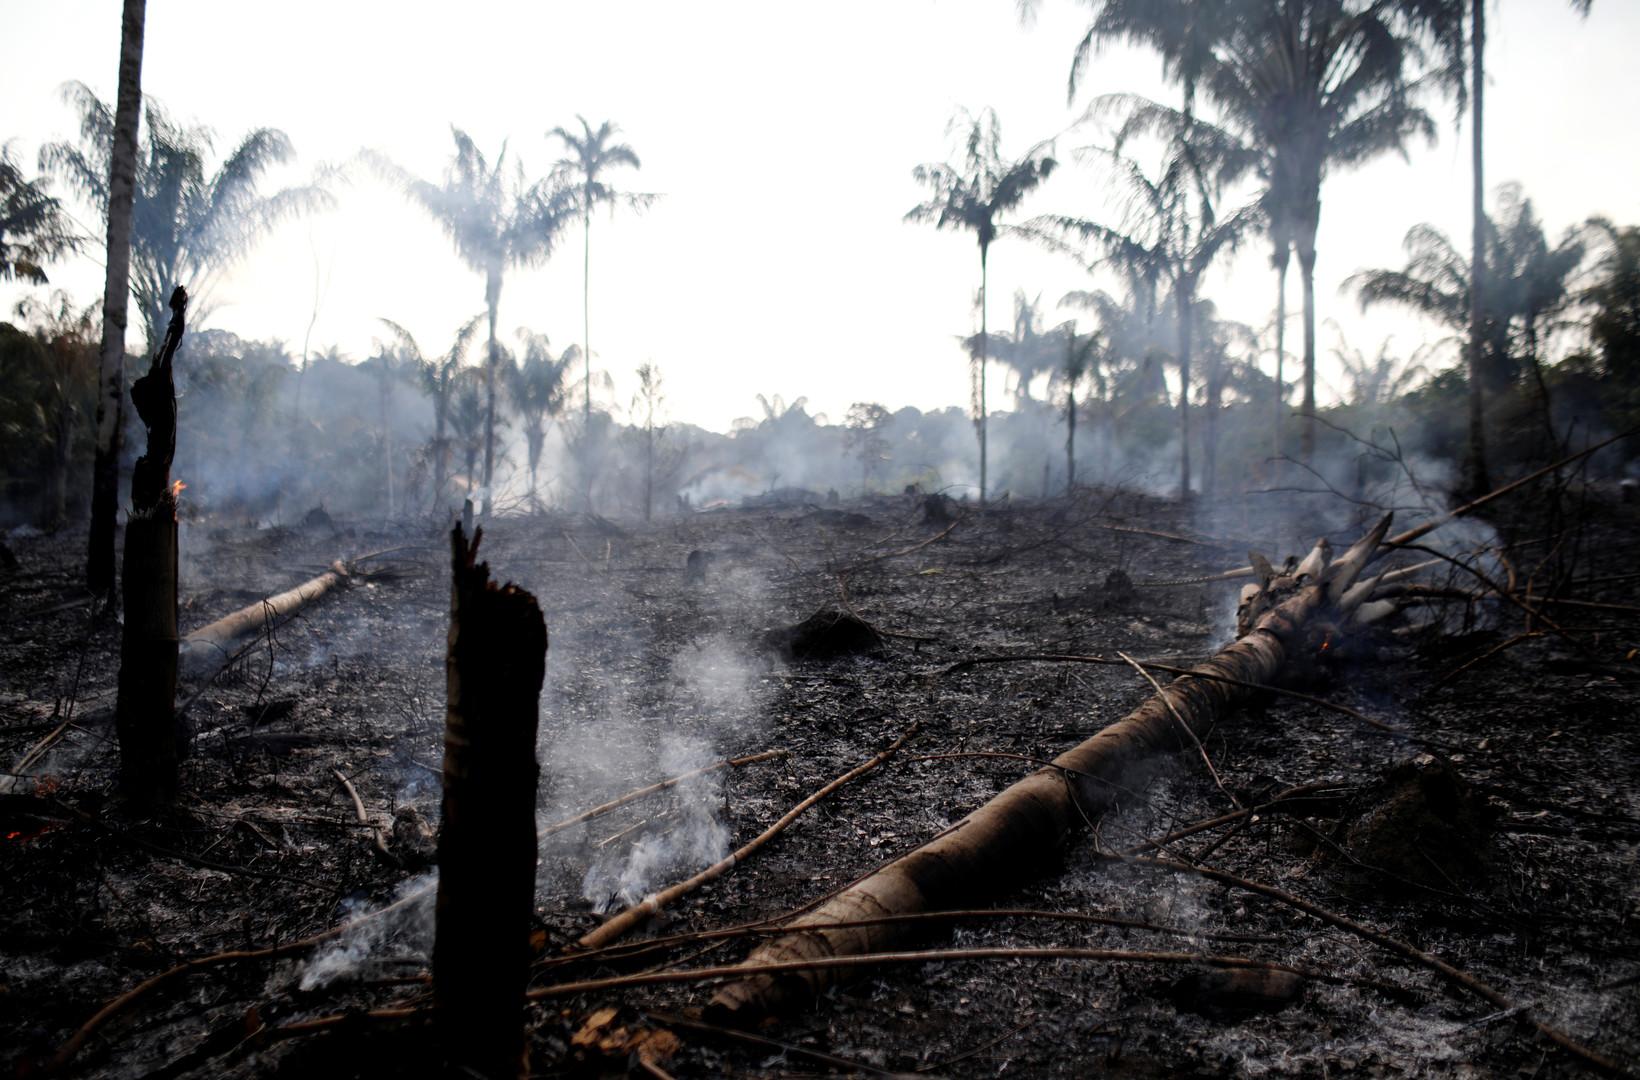 Katastrophe mit Ansage: Brände im Amazonas könnten globale Konsequenzen haben